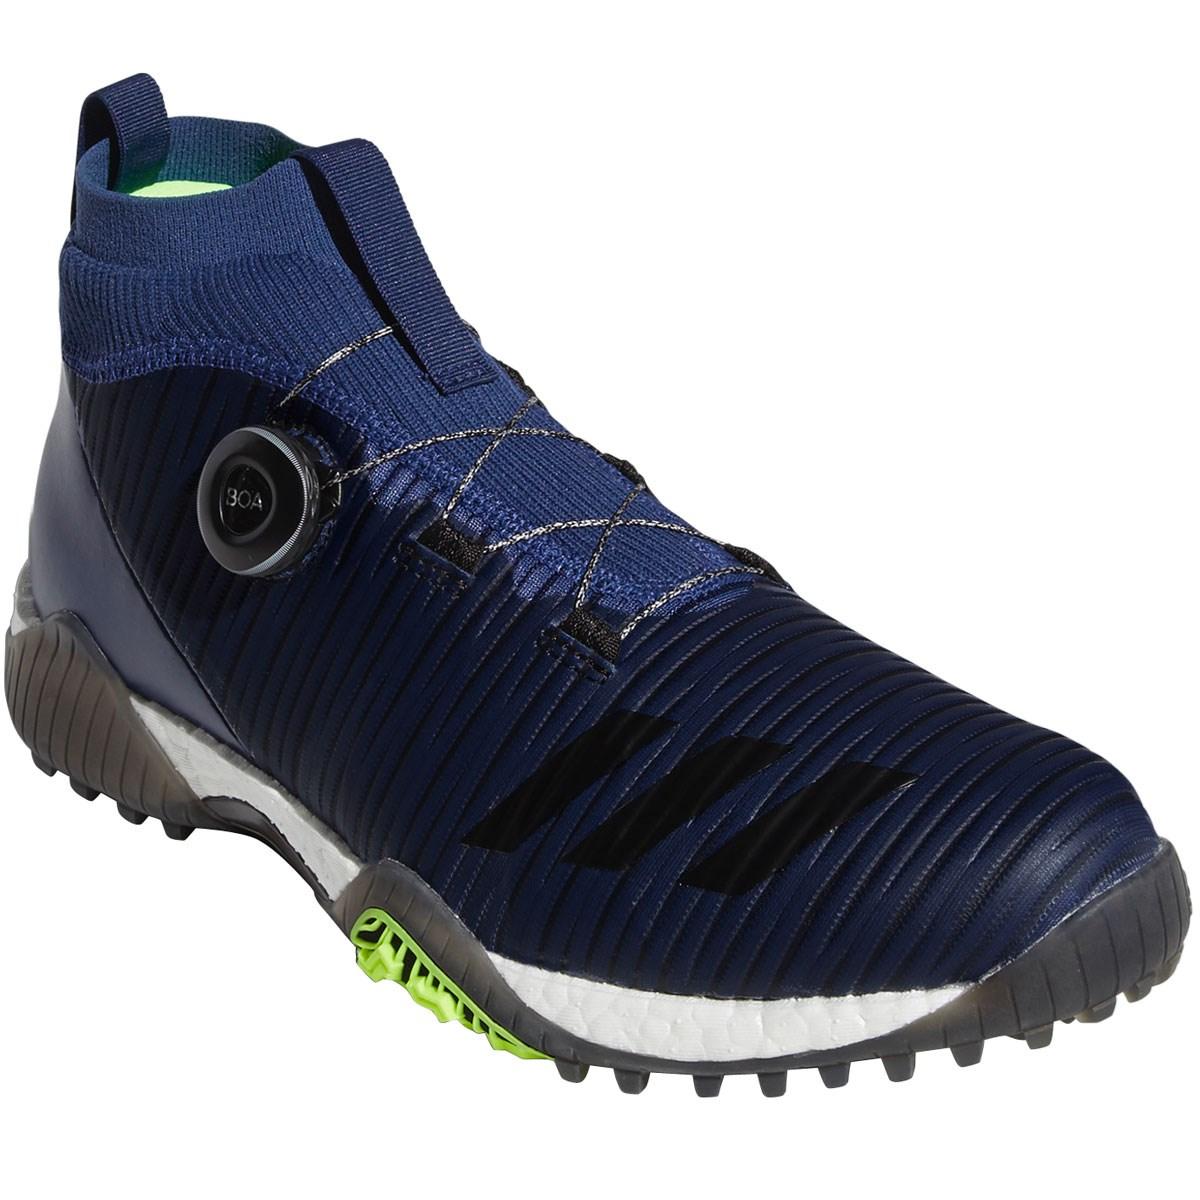 アディダス Adidas コードカオス ボア シューズ 26cm テックインディゴ/コアブラック/シグナルグリーン